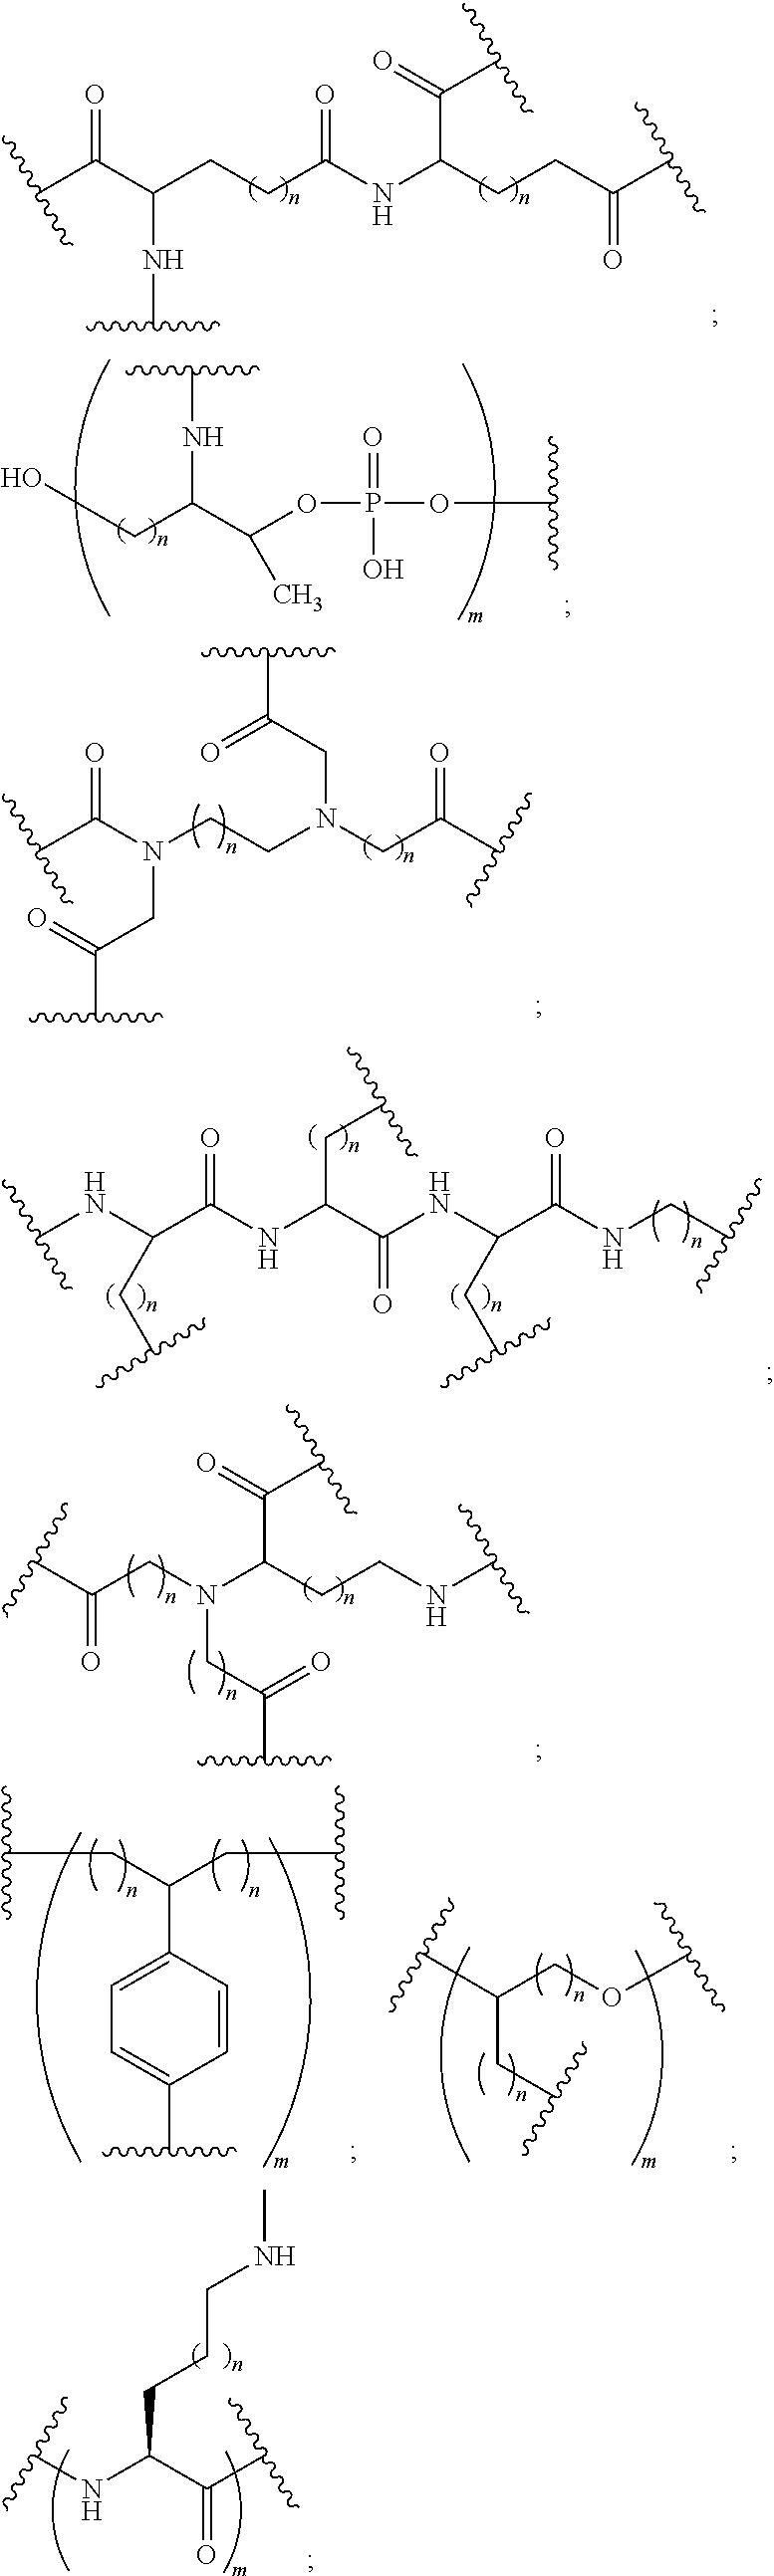 Figure US09994855-20180612-C00071